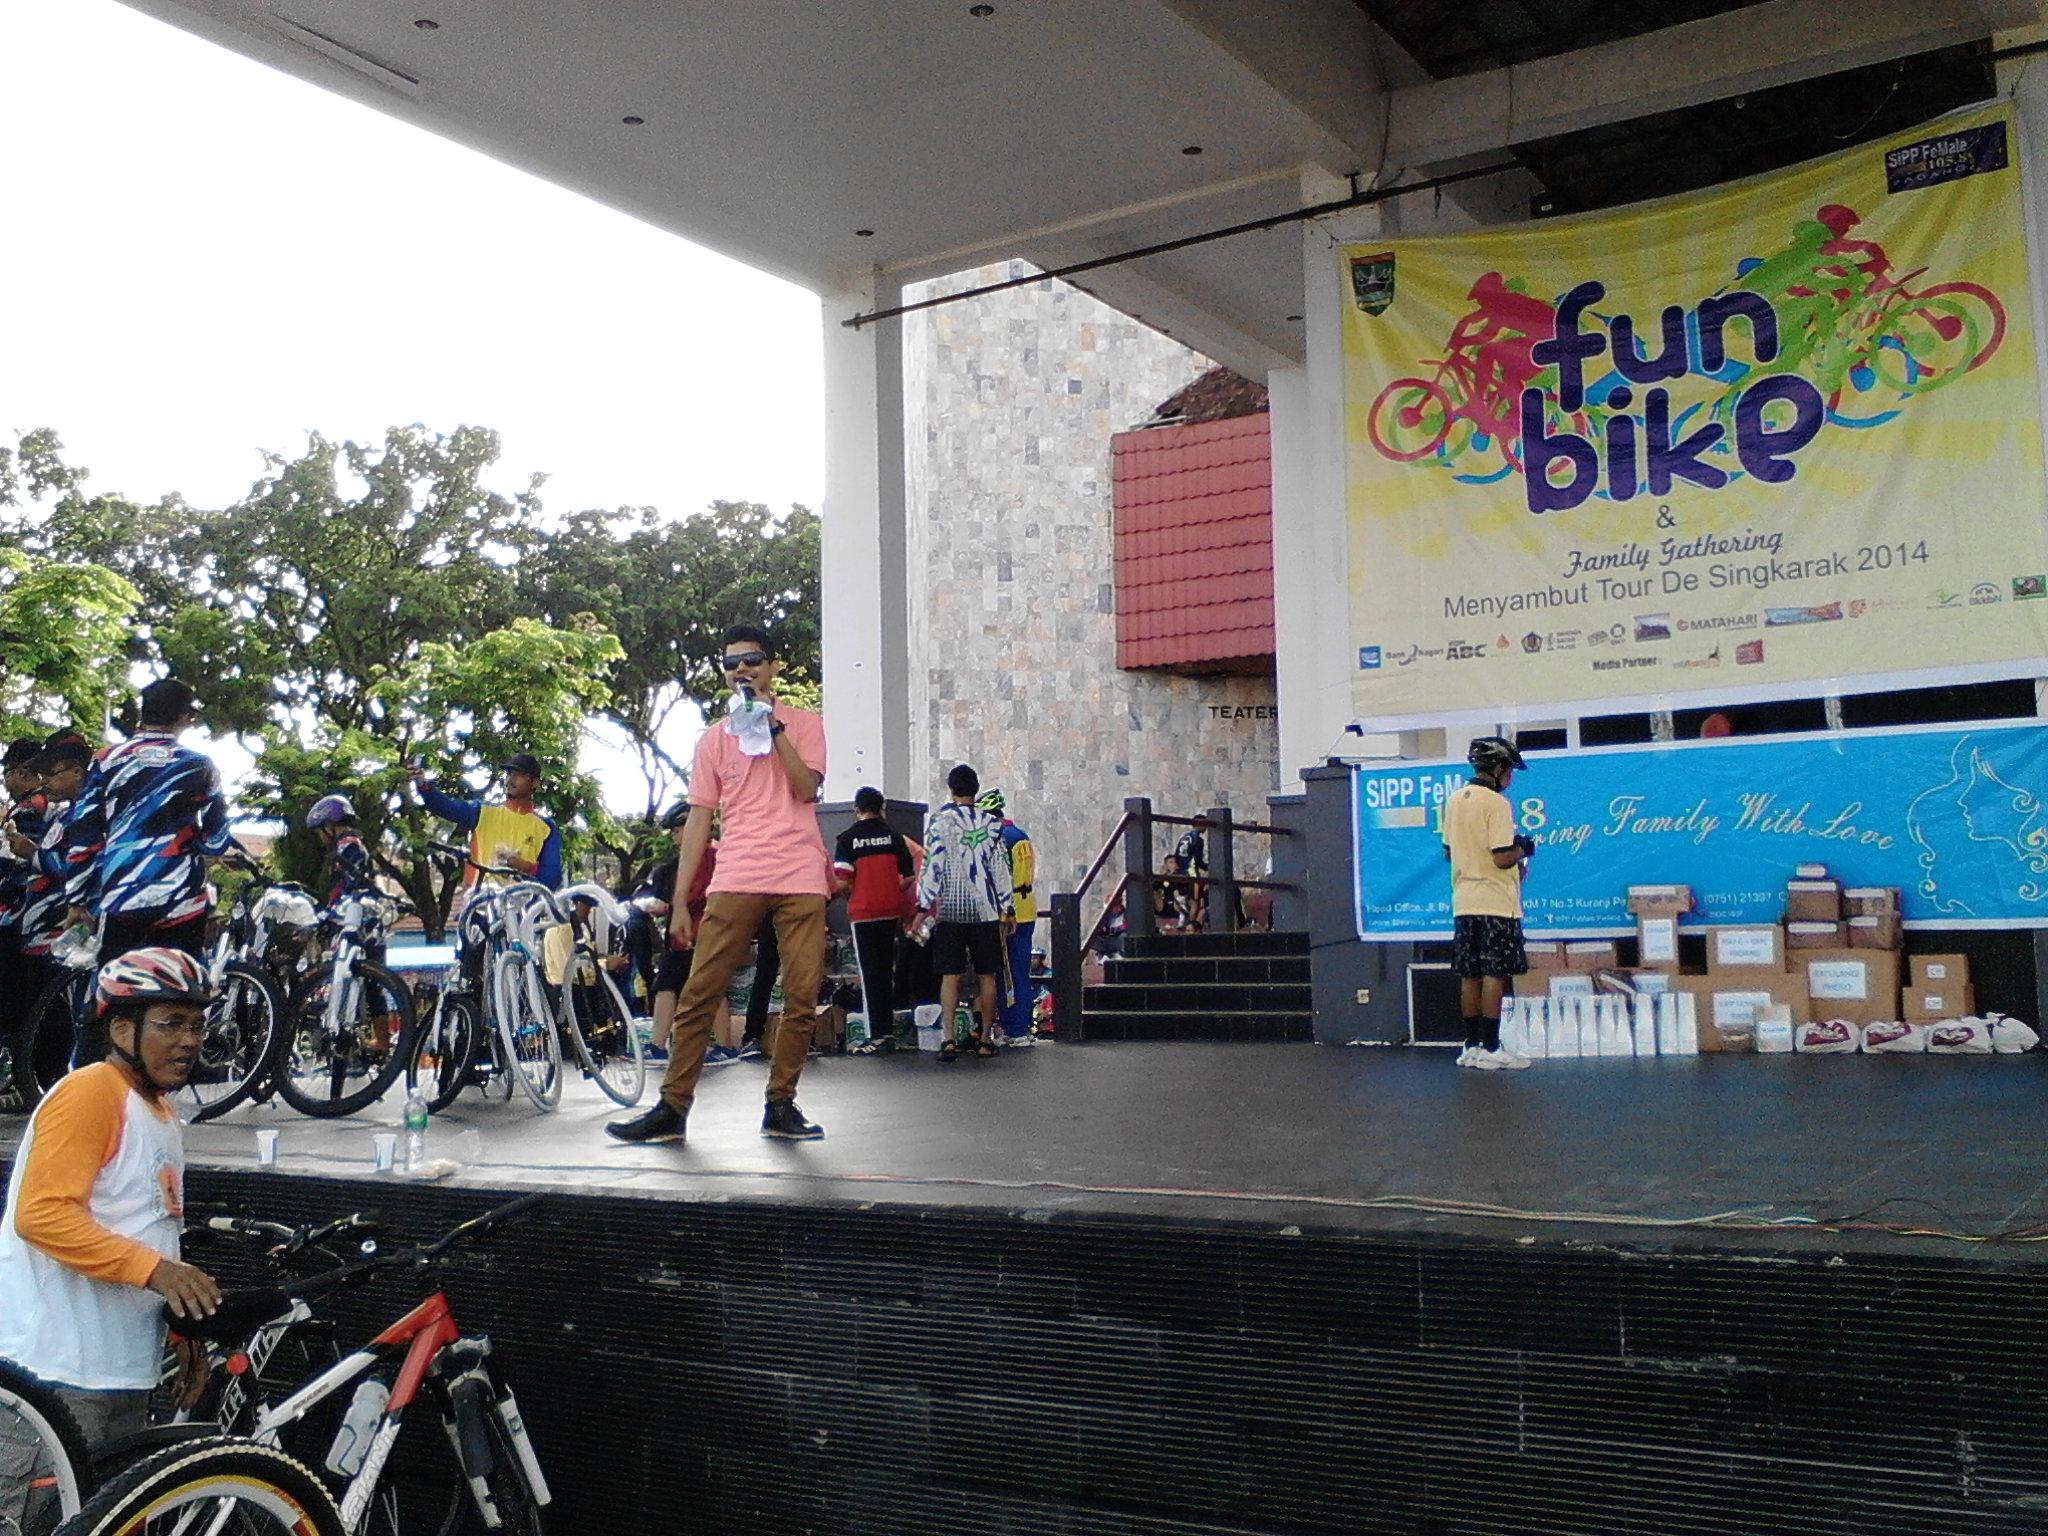 Fun Bike (Sepeda Santai) digelar oleh SIPP Female Radio dalam rangka menyambut Tour de Singkarak 2014 di Taman Budaya, Kota Padang. FOTO/ISRA ROSADI